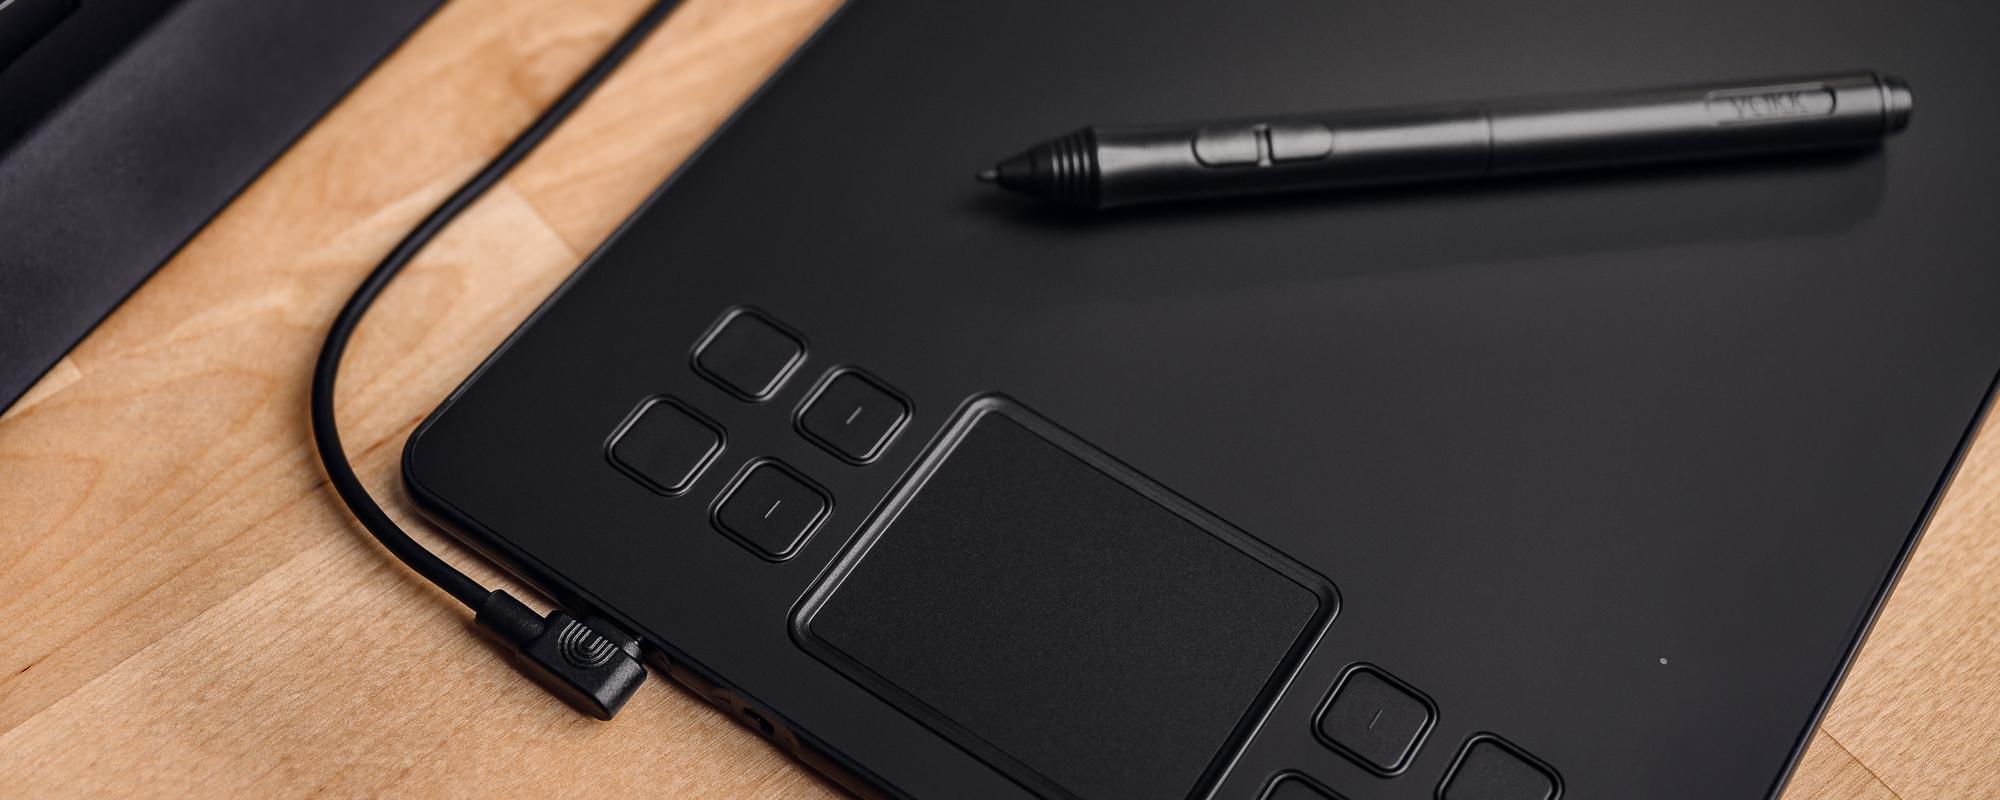 Zdjęcie, na którym widać klawisze funkcyjne oraz touchpad tabletu graficznego Veikk A50